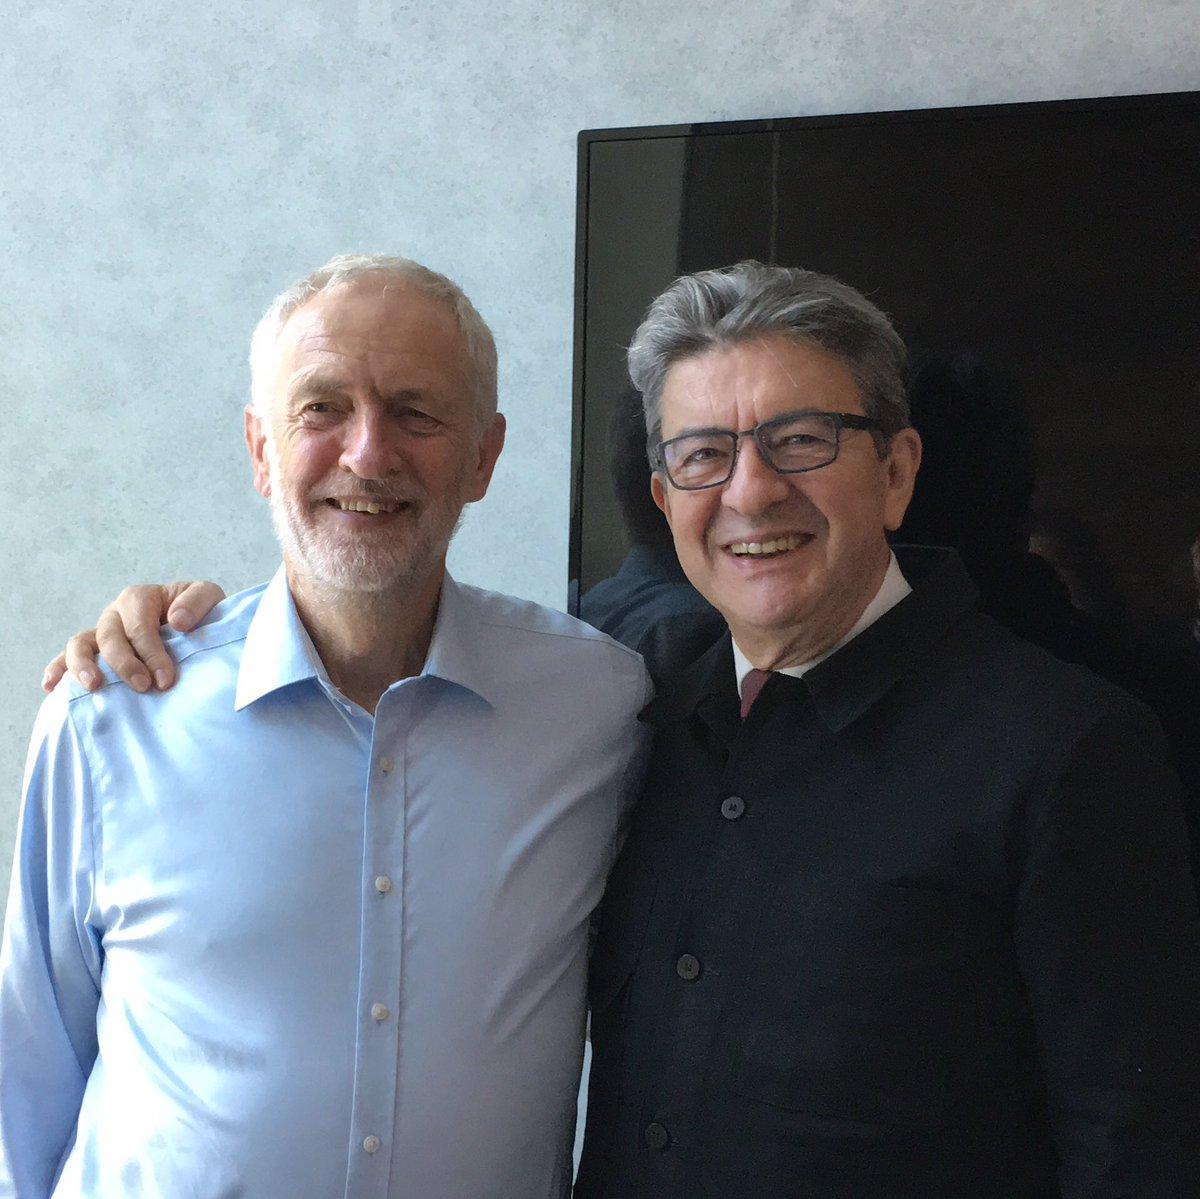 À #Liverpool, rencontre avec @jeremycorbyn.